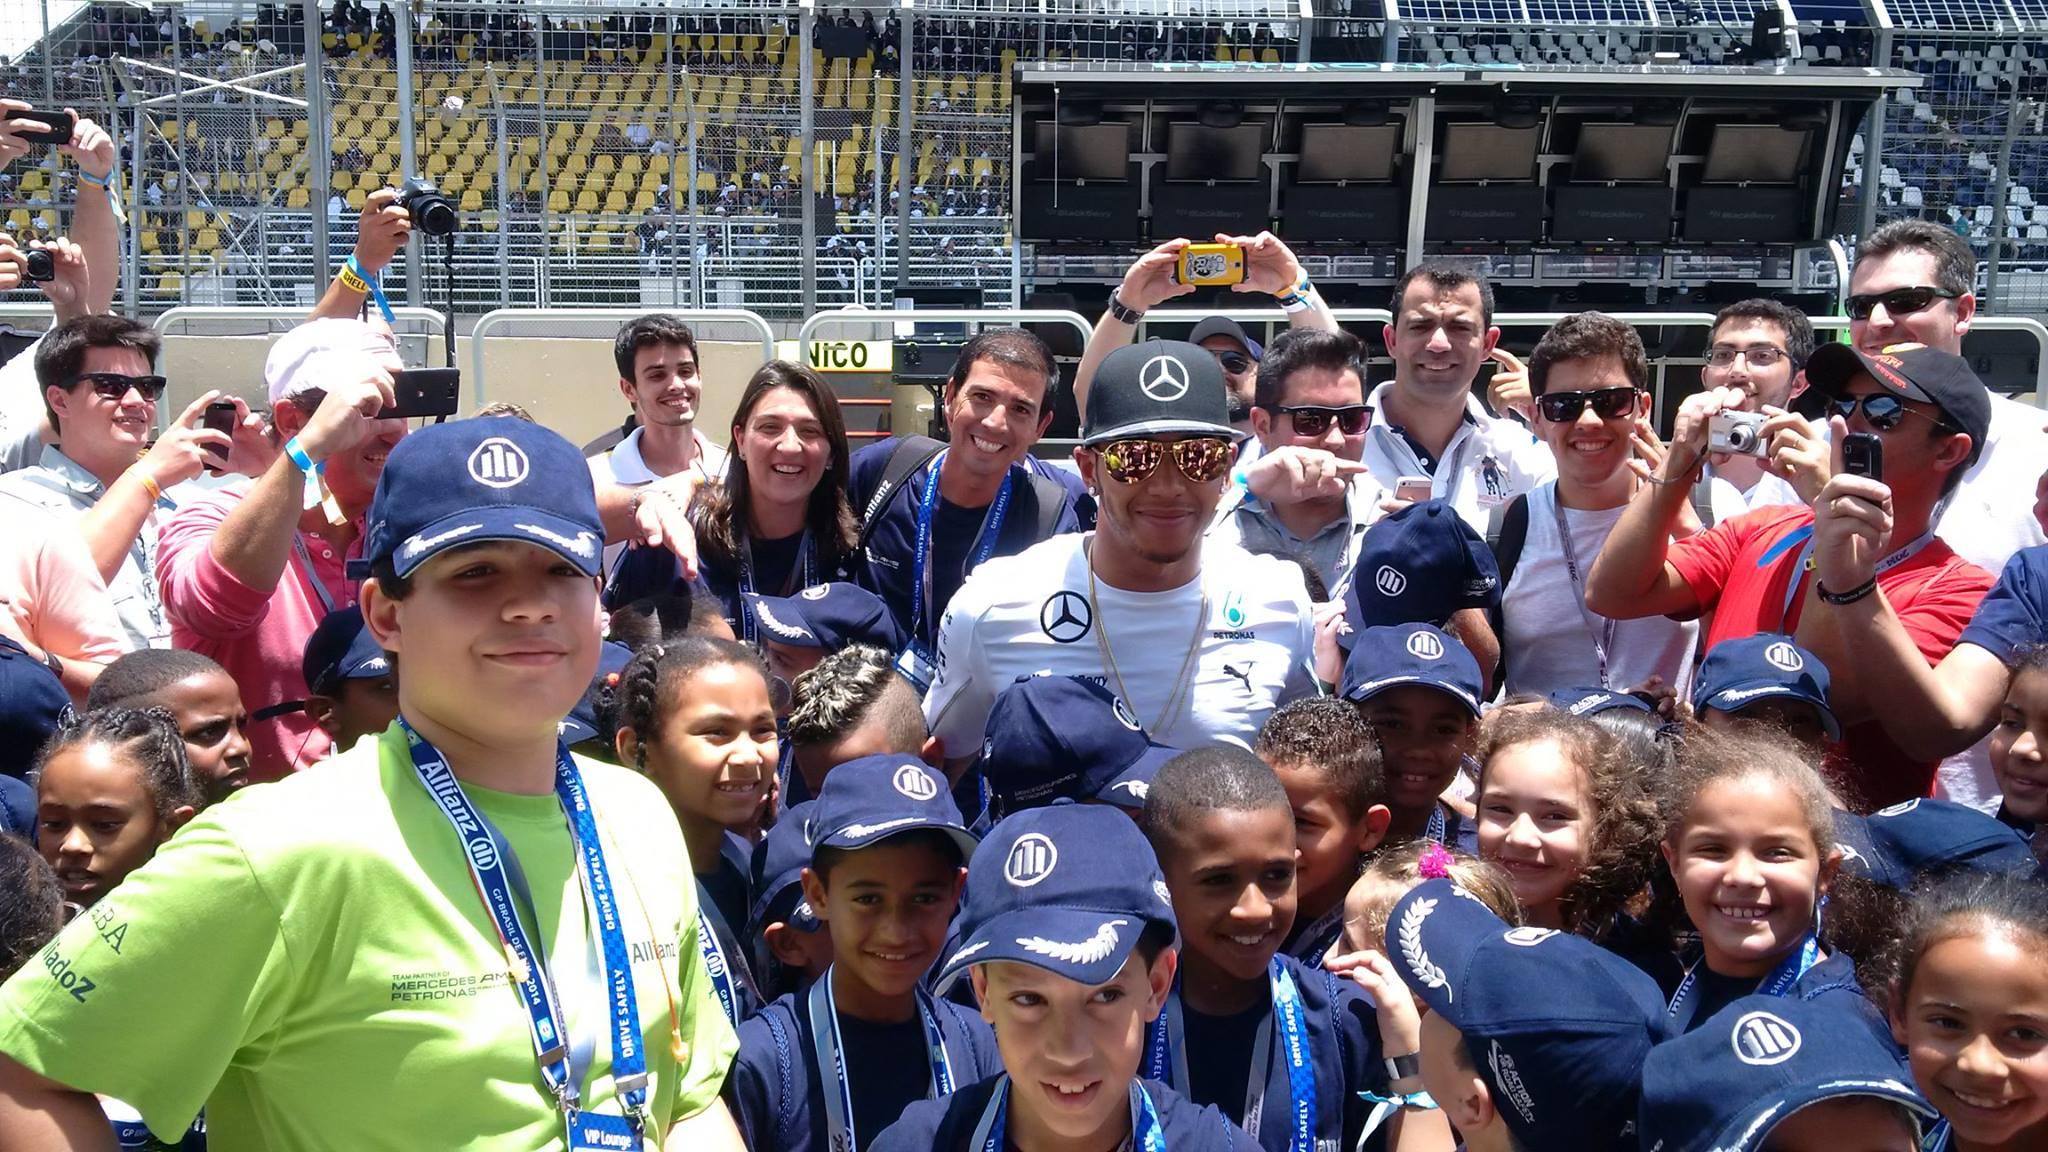 Lewis Hamilton tirando aquela foto esperta com a criançada em Interlagos.